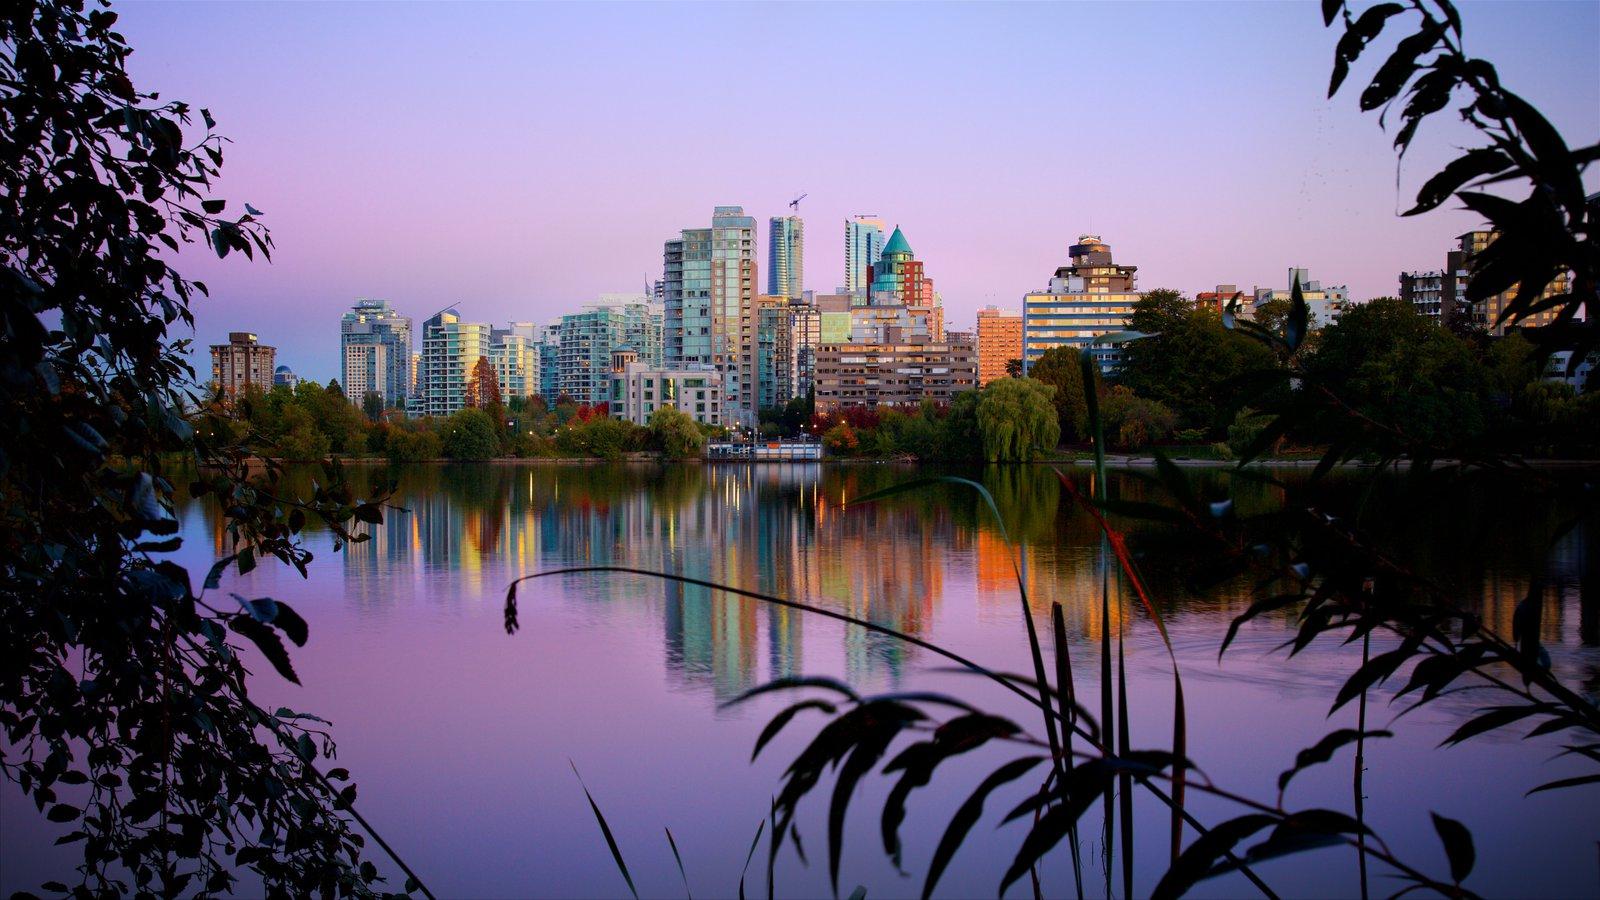 Parque Stanley ofreciendo una ciudad y un río o arroyo